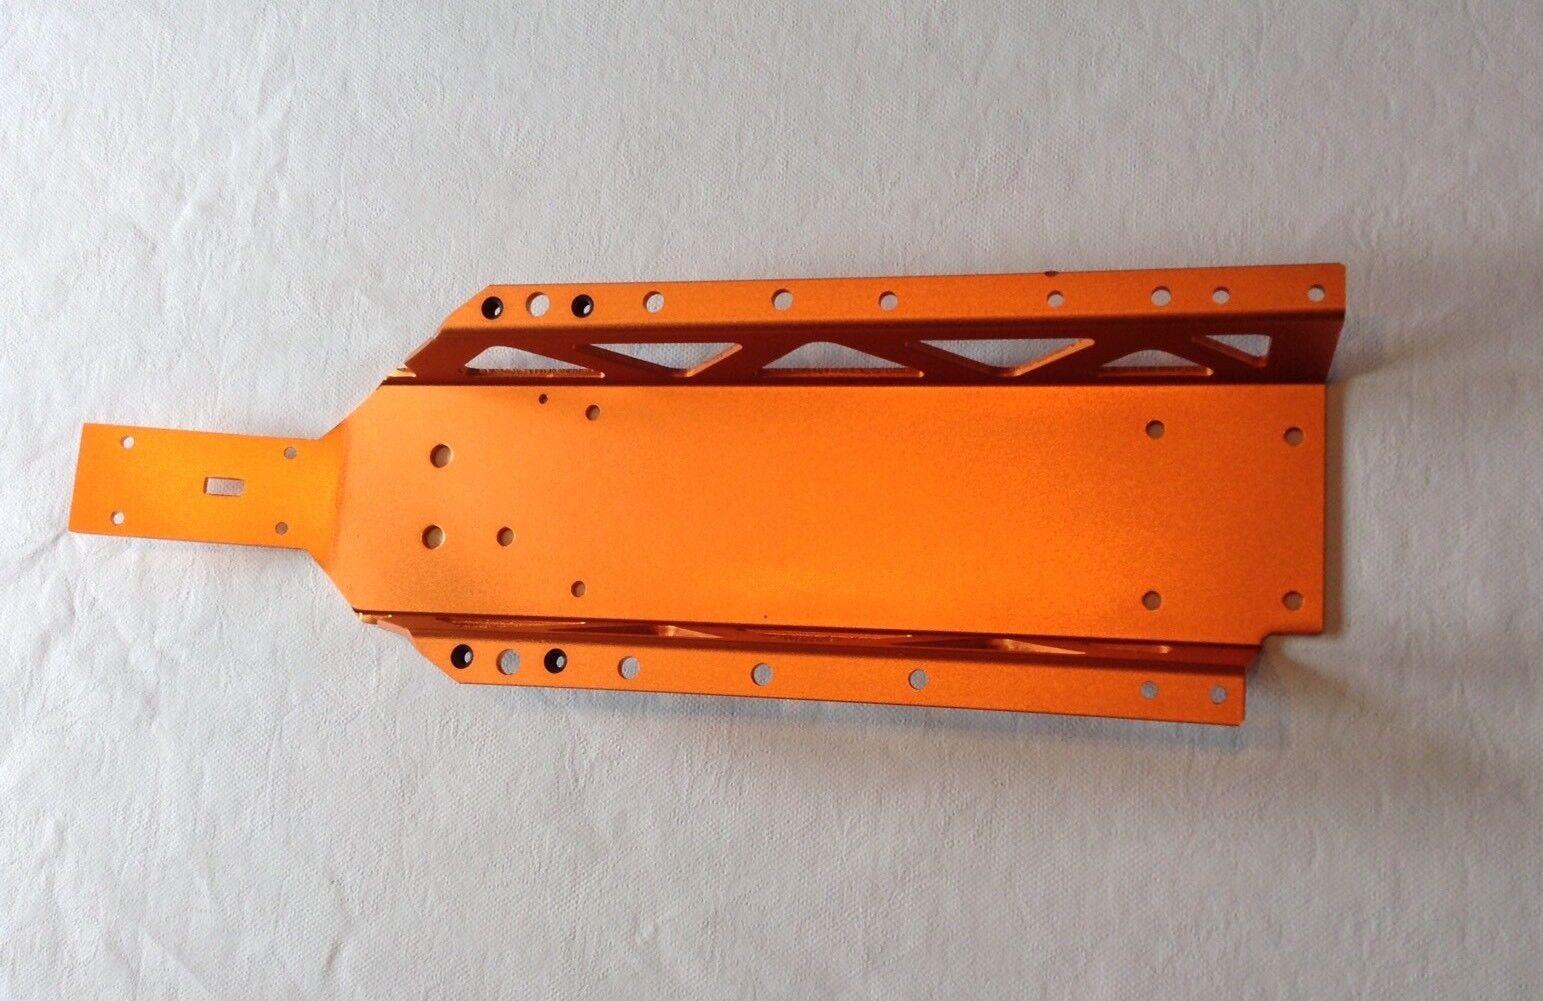 HPI BAJA ALLOY MAIN CHASSIS orange FOR HPI BAJA 5B,5T,5SC,1 5,KM,ROVAN